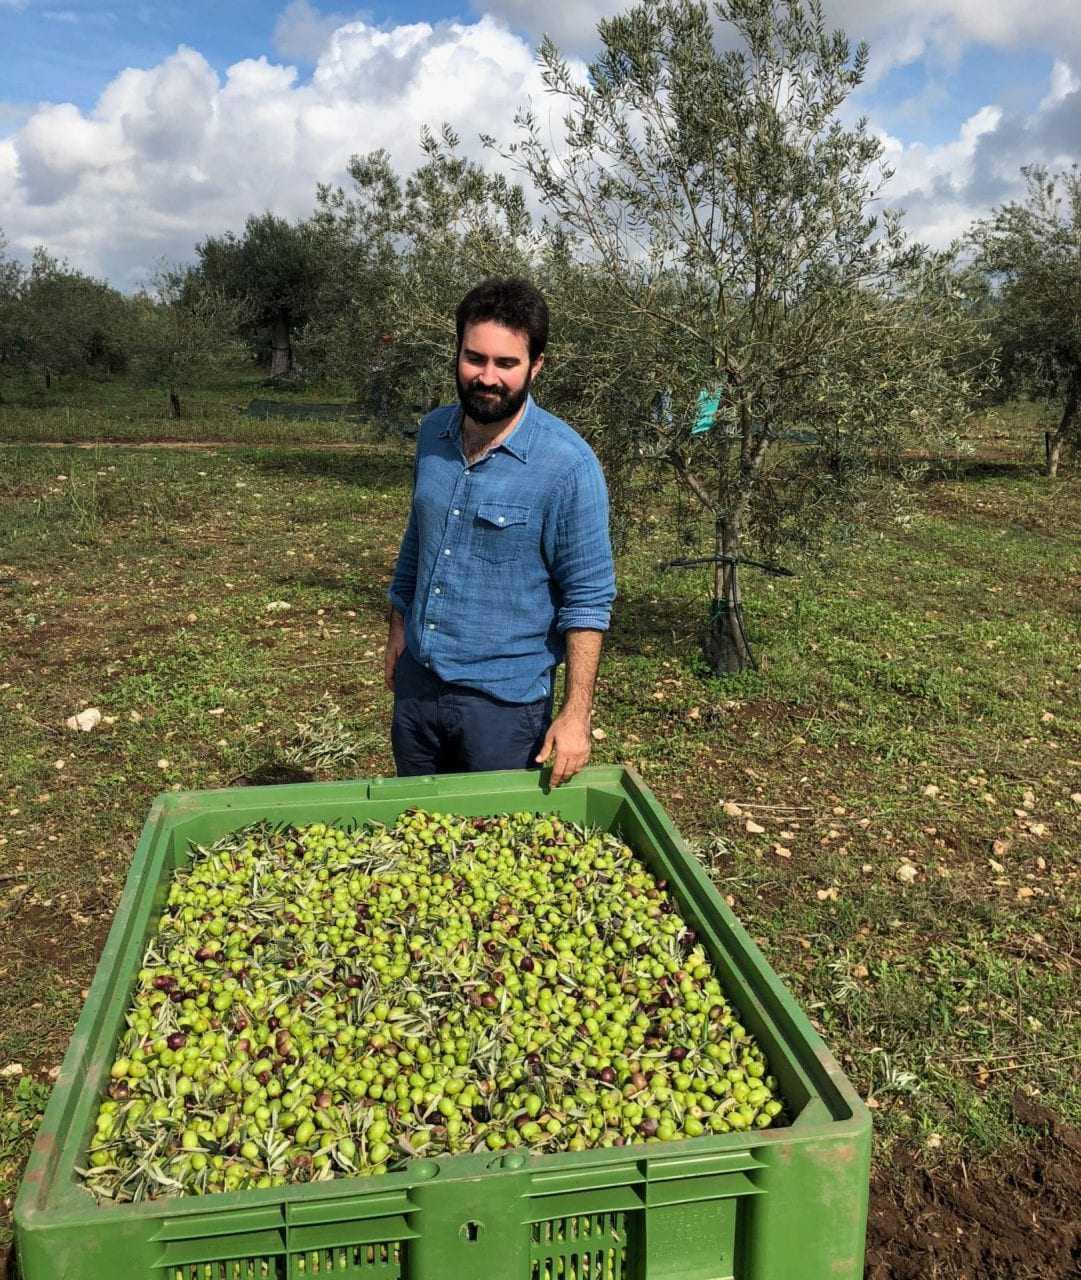 este-importador-de-aceite-de-oliva-sabe-como-encontrar-ganadores-tiempos-de-aceite-de-oliva